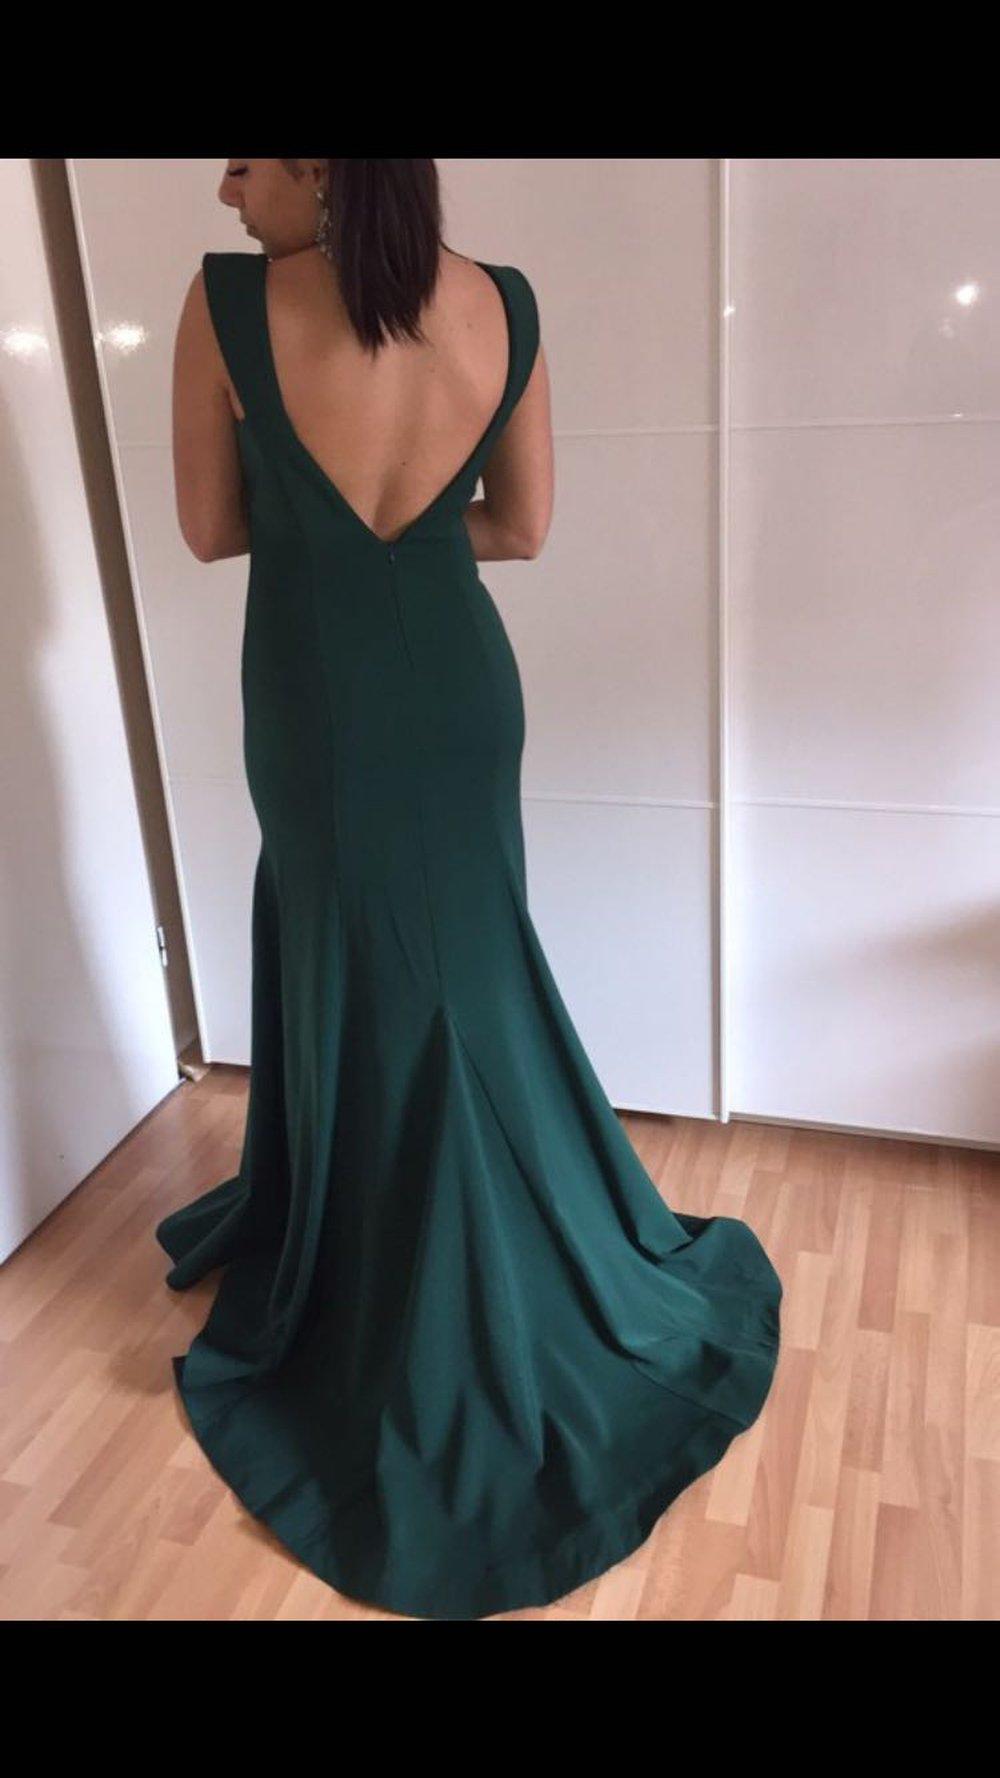 Schönes dunkelgrünes Abendkleid